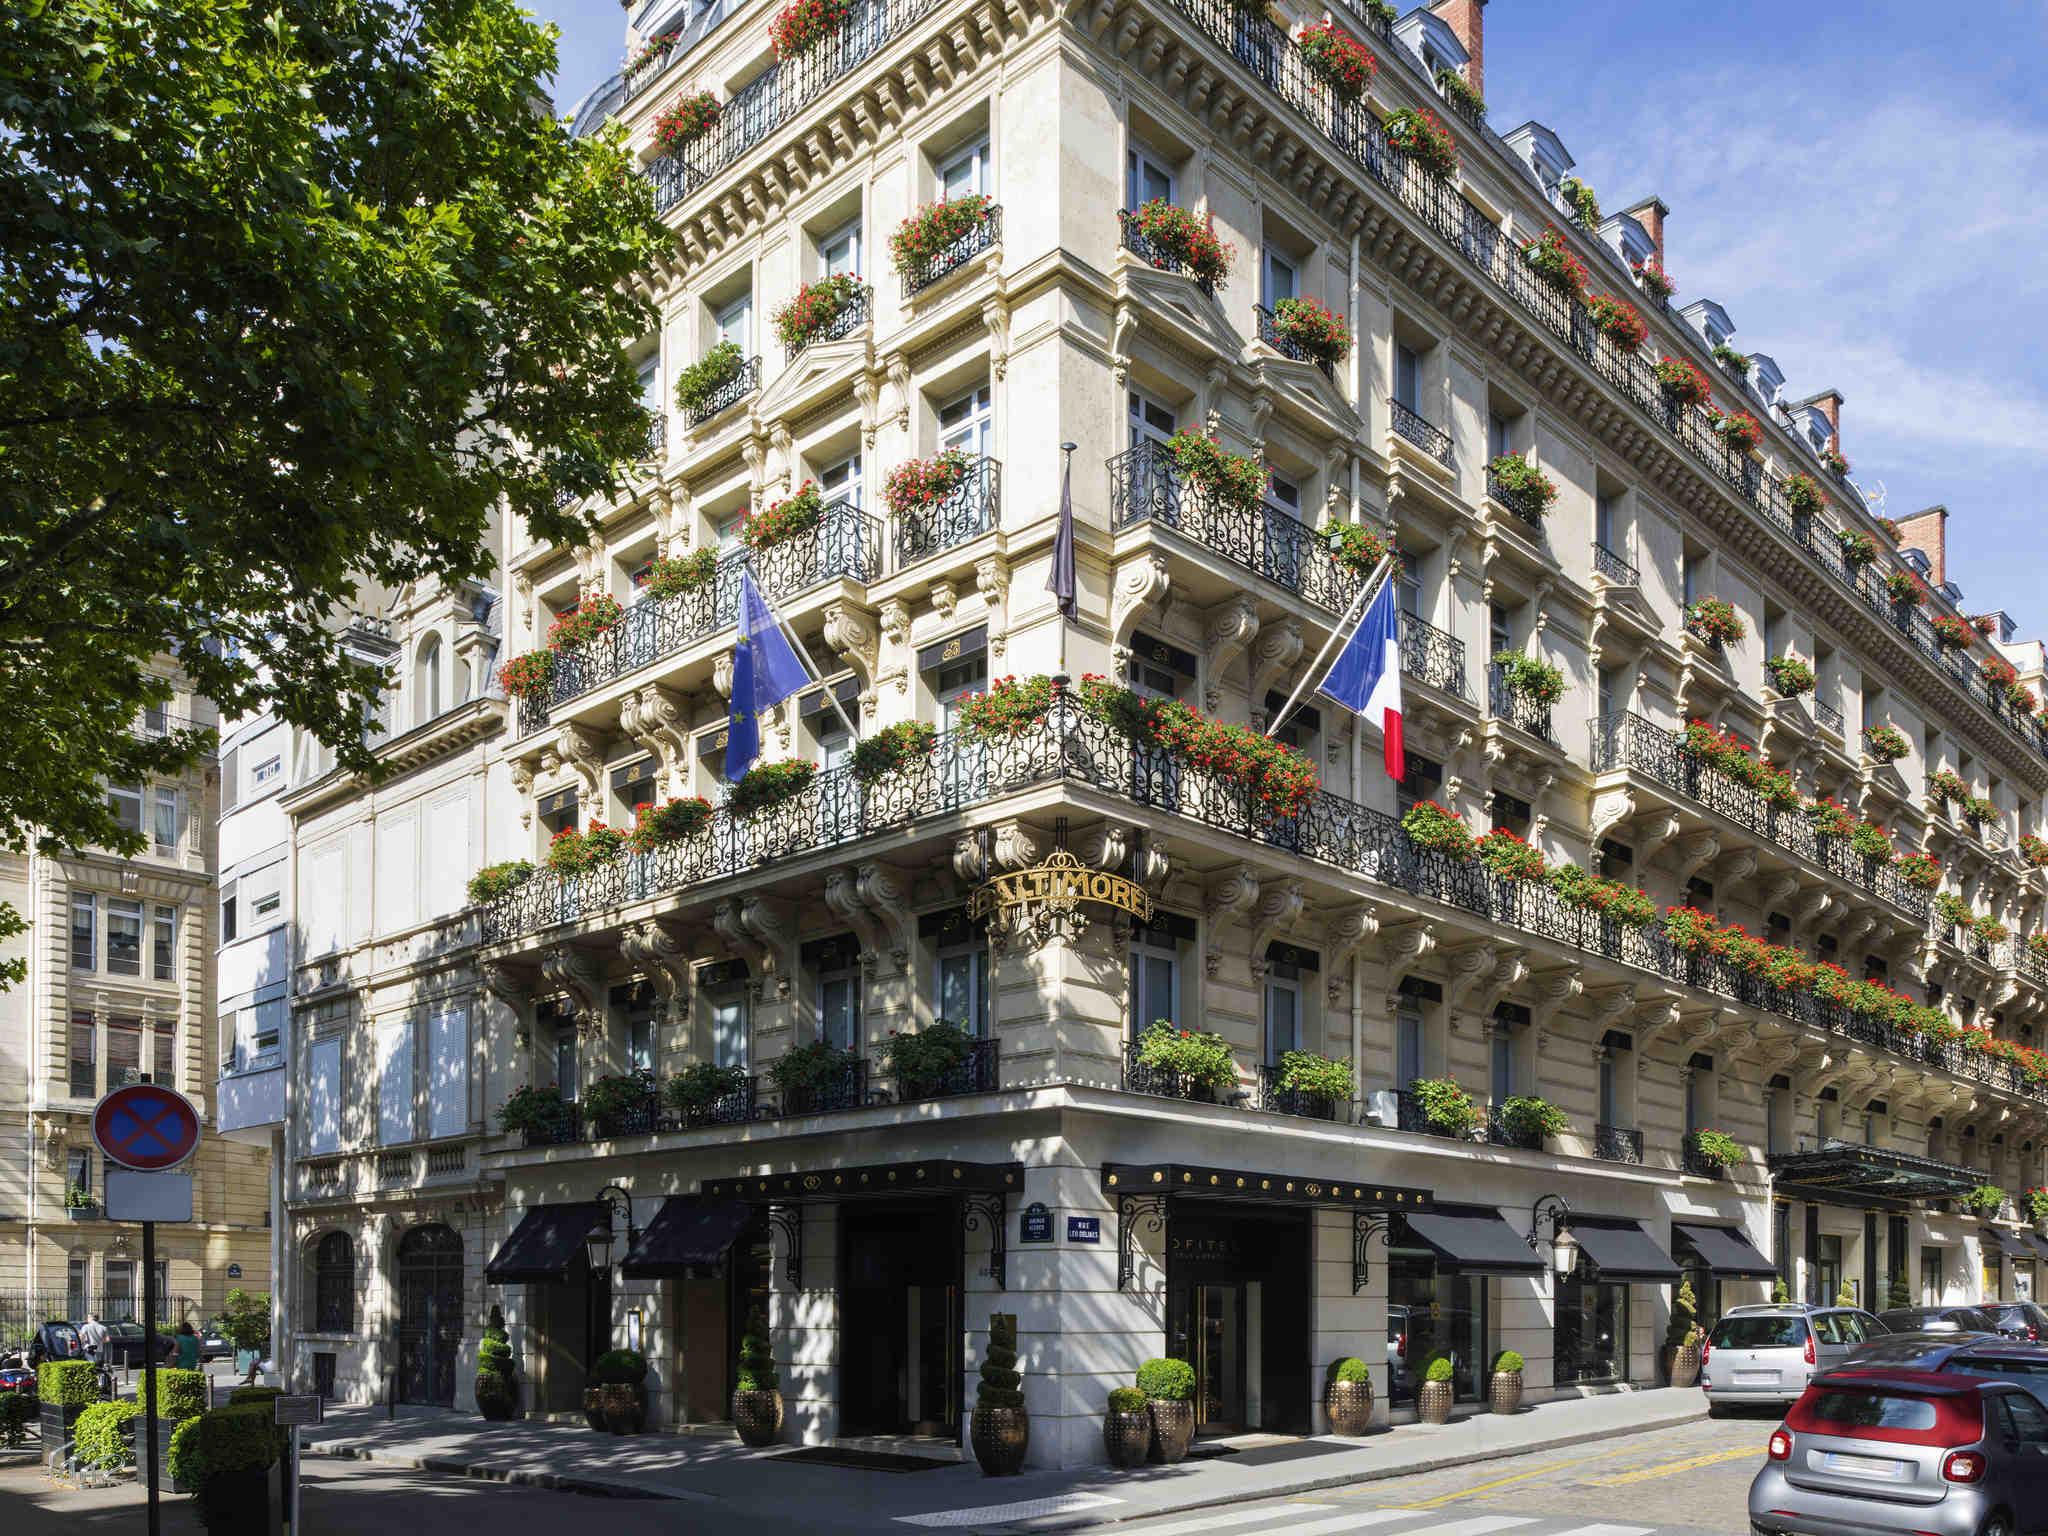 酒店 – 巴黎巴尔的摩埃菲尔铁塔酒店